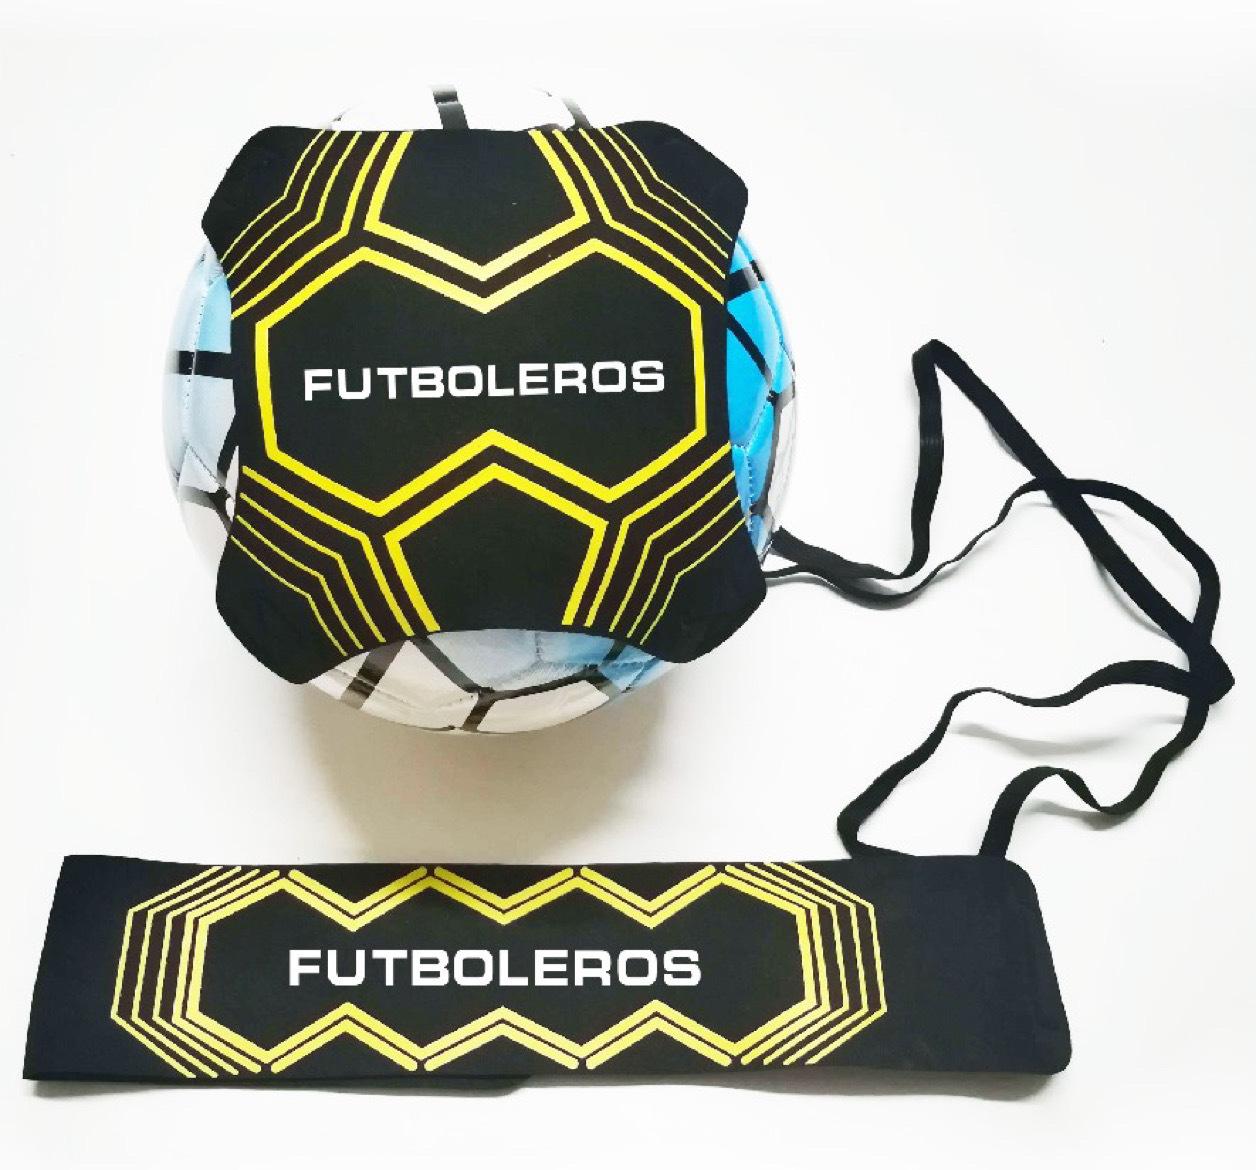 Futboleros Ball Sling Kicker - RED